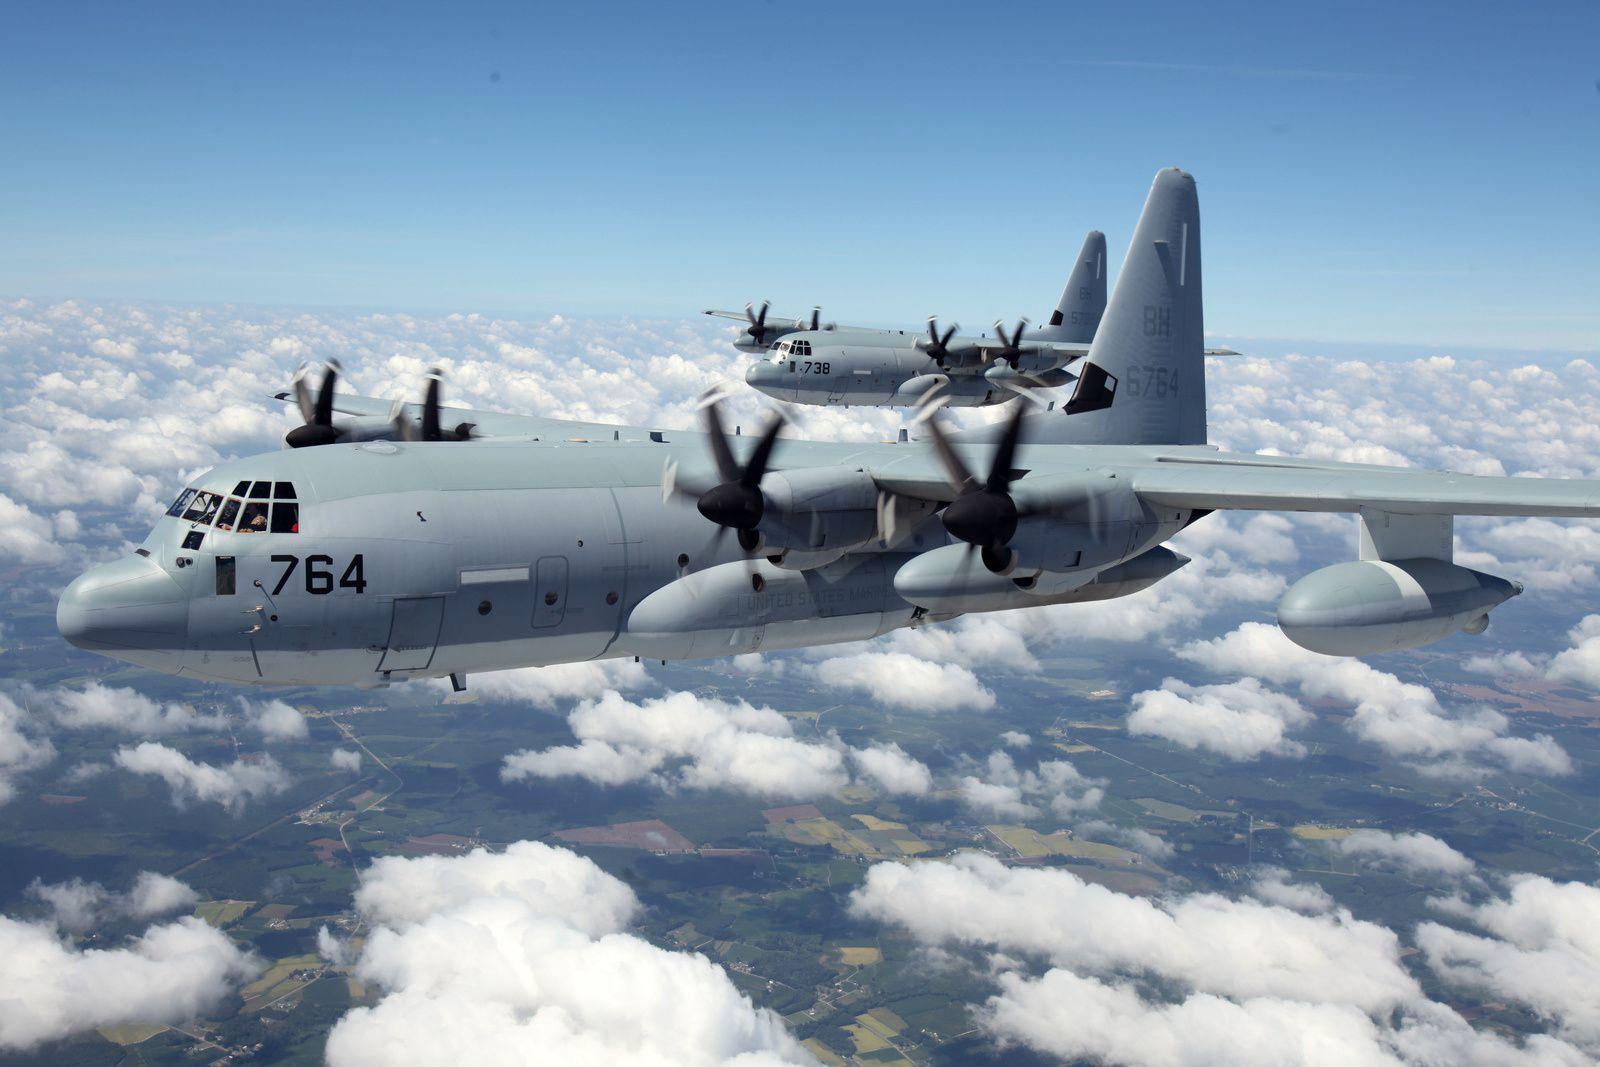 © USAF - Deux KC-130J Super Hercules du VMGR-252 de l'US Marine Corps lors d'une mission d'entraînement.